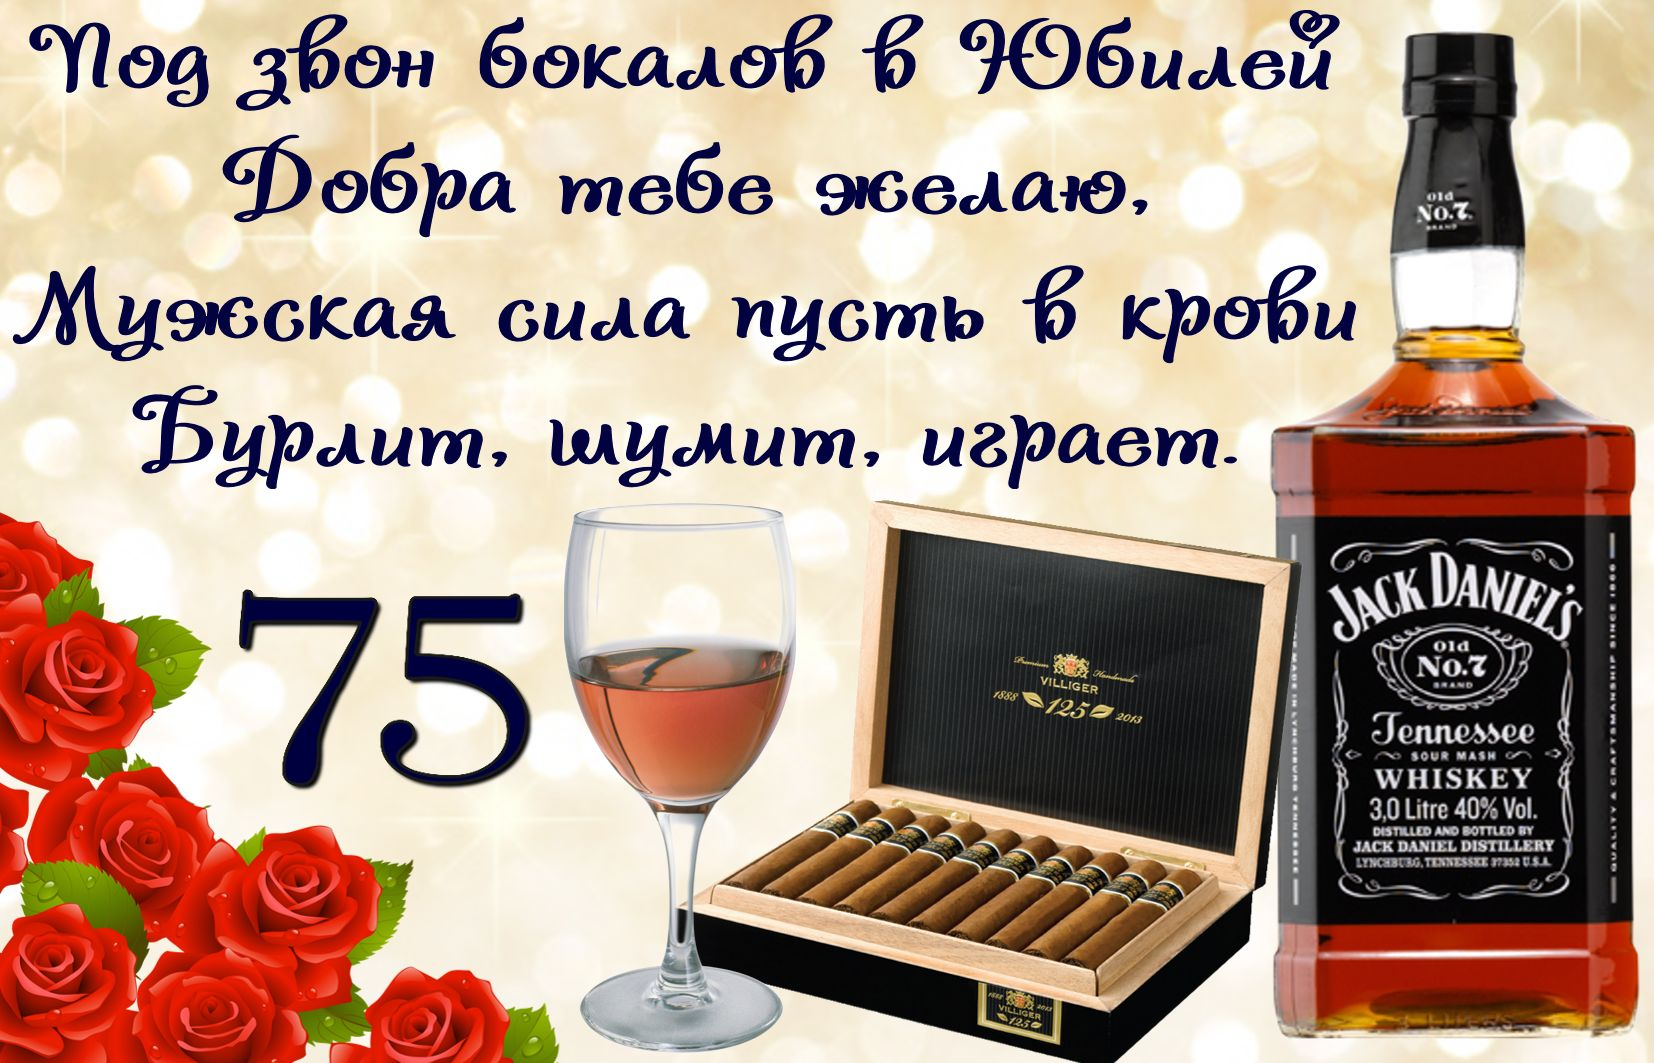 Пожелание и виски с сигарами на юбилей 75 лет